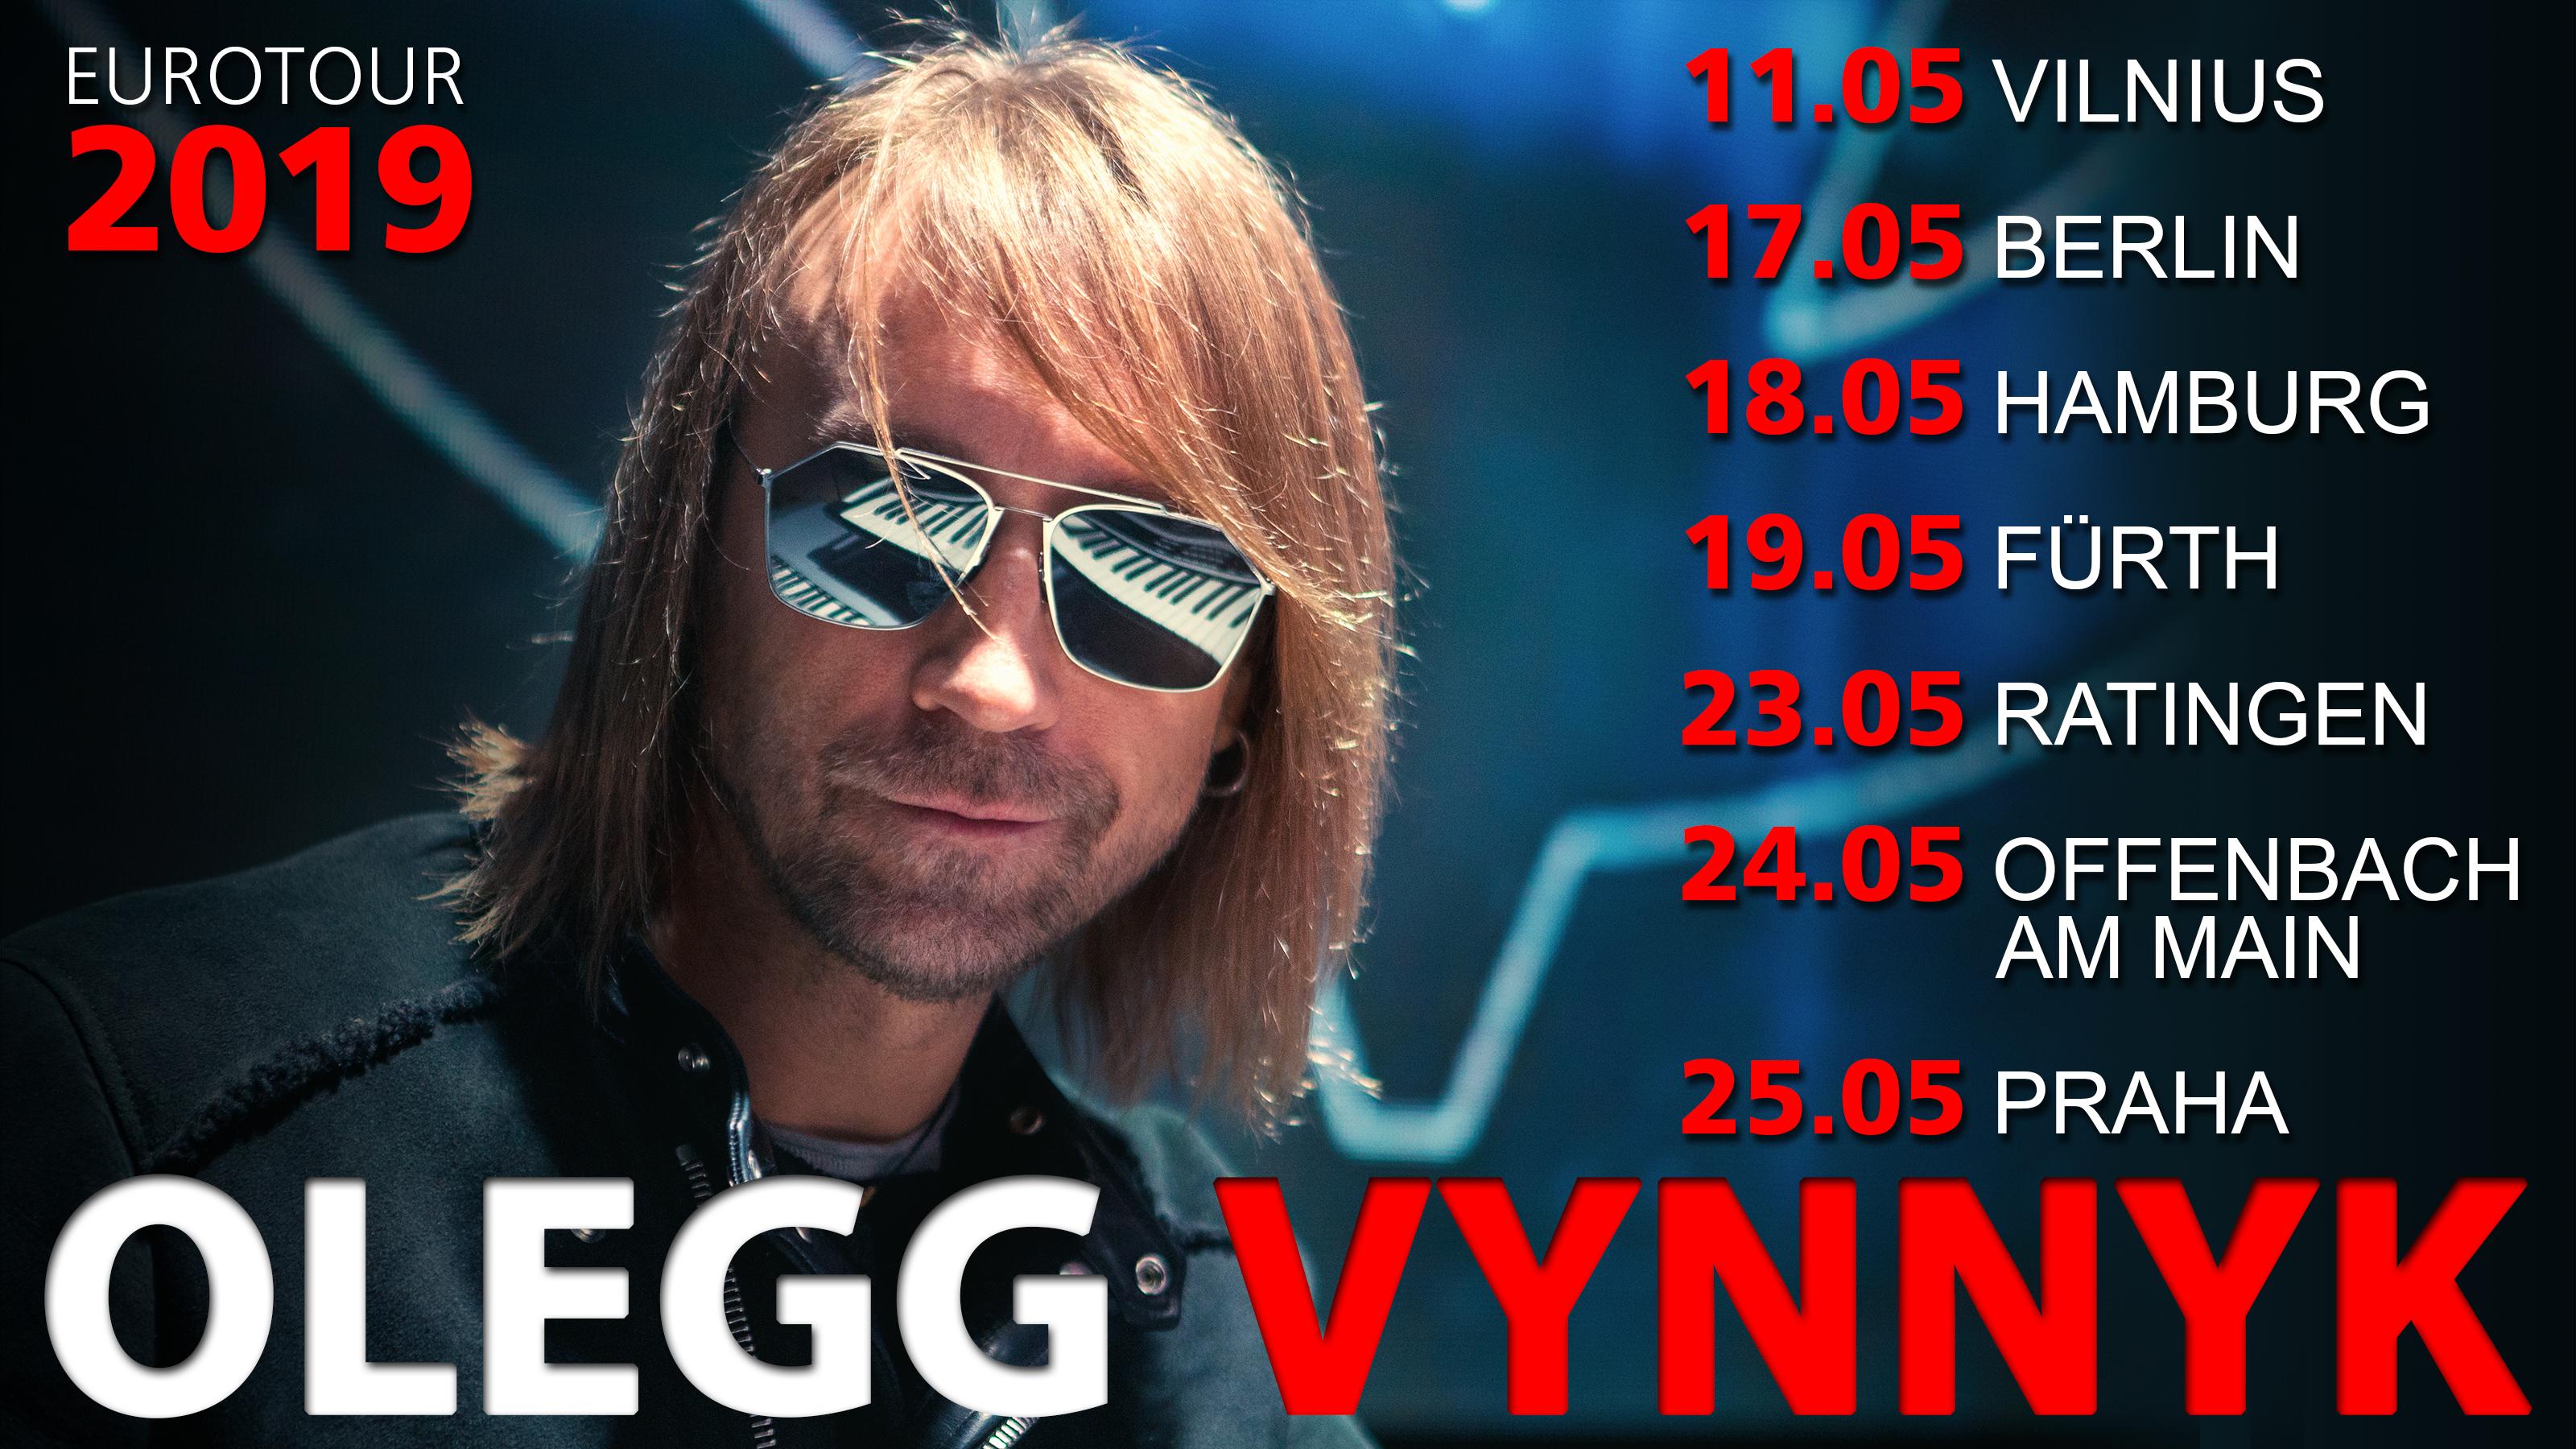 Олег Винник возвращается в Германию со своими хитами